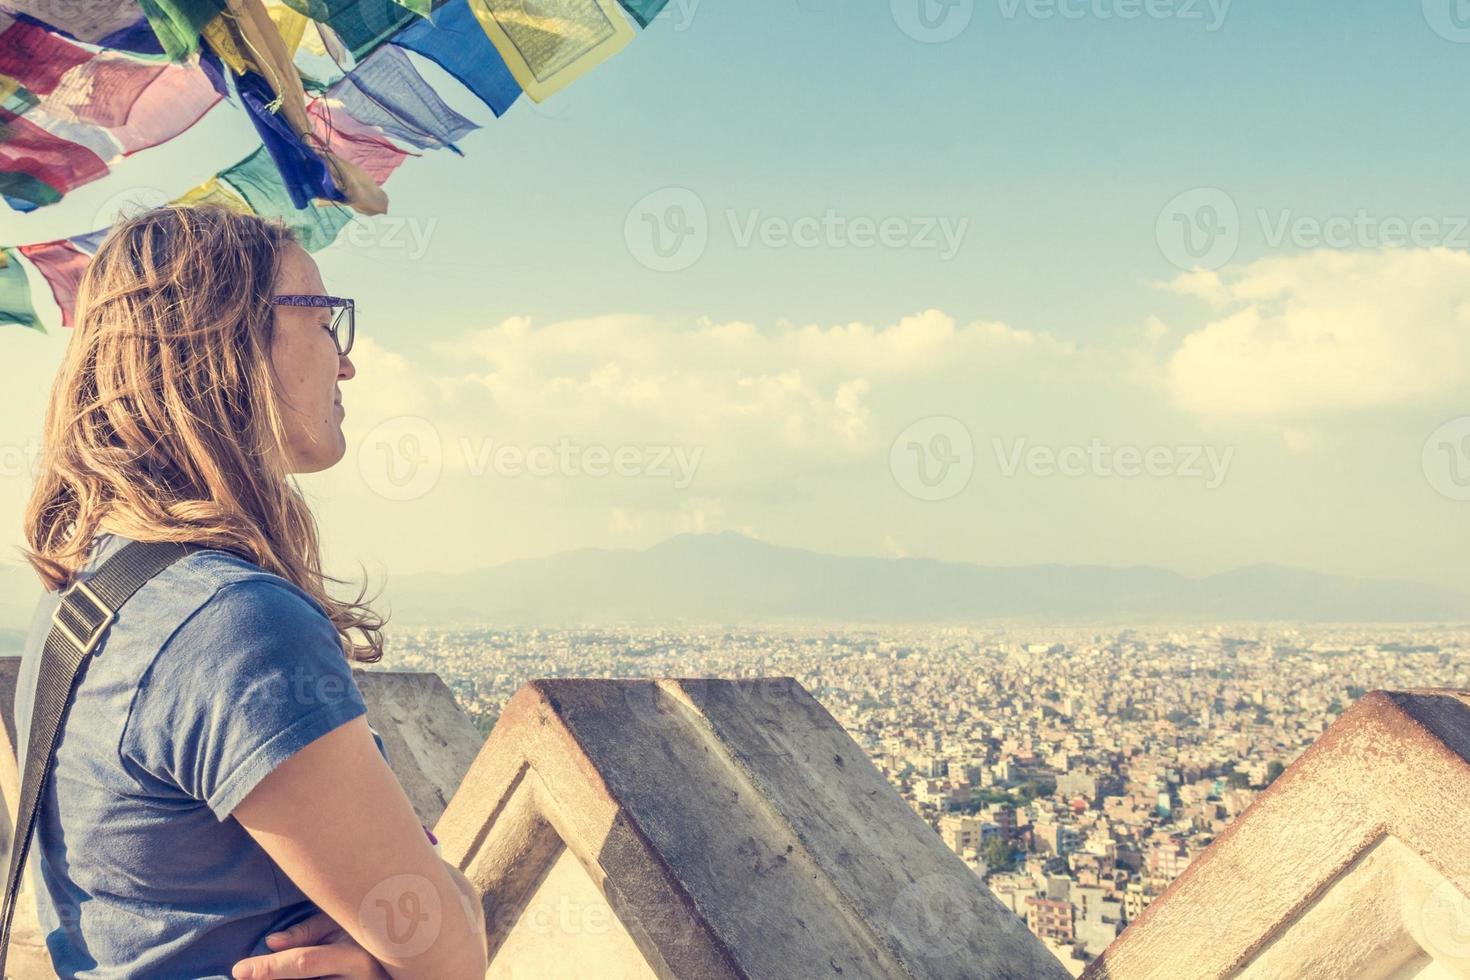 jonge vrouw genieten van het avond uitzicht over een stad. foto